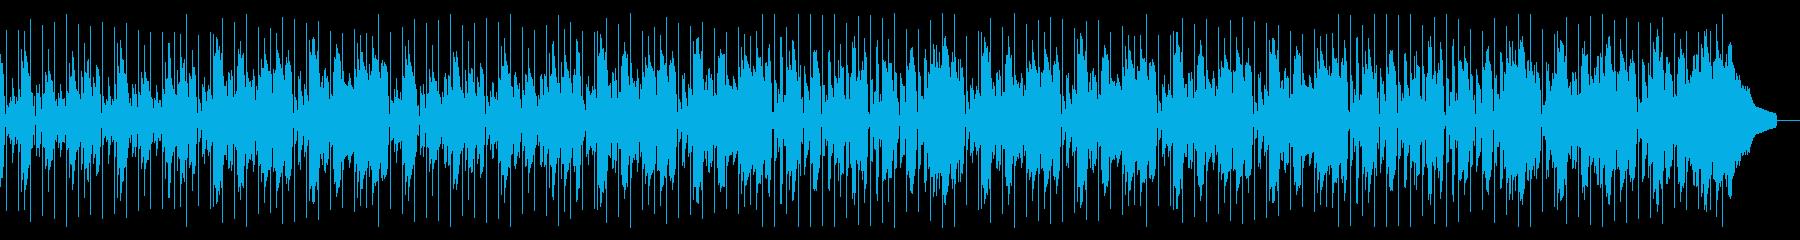 日常系BGM・ほのぼのハーモニカその2の再生済みの波形